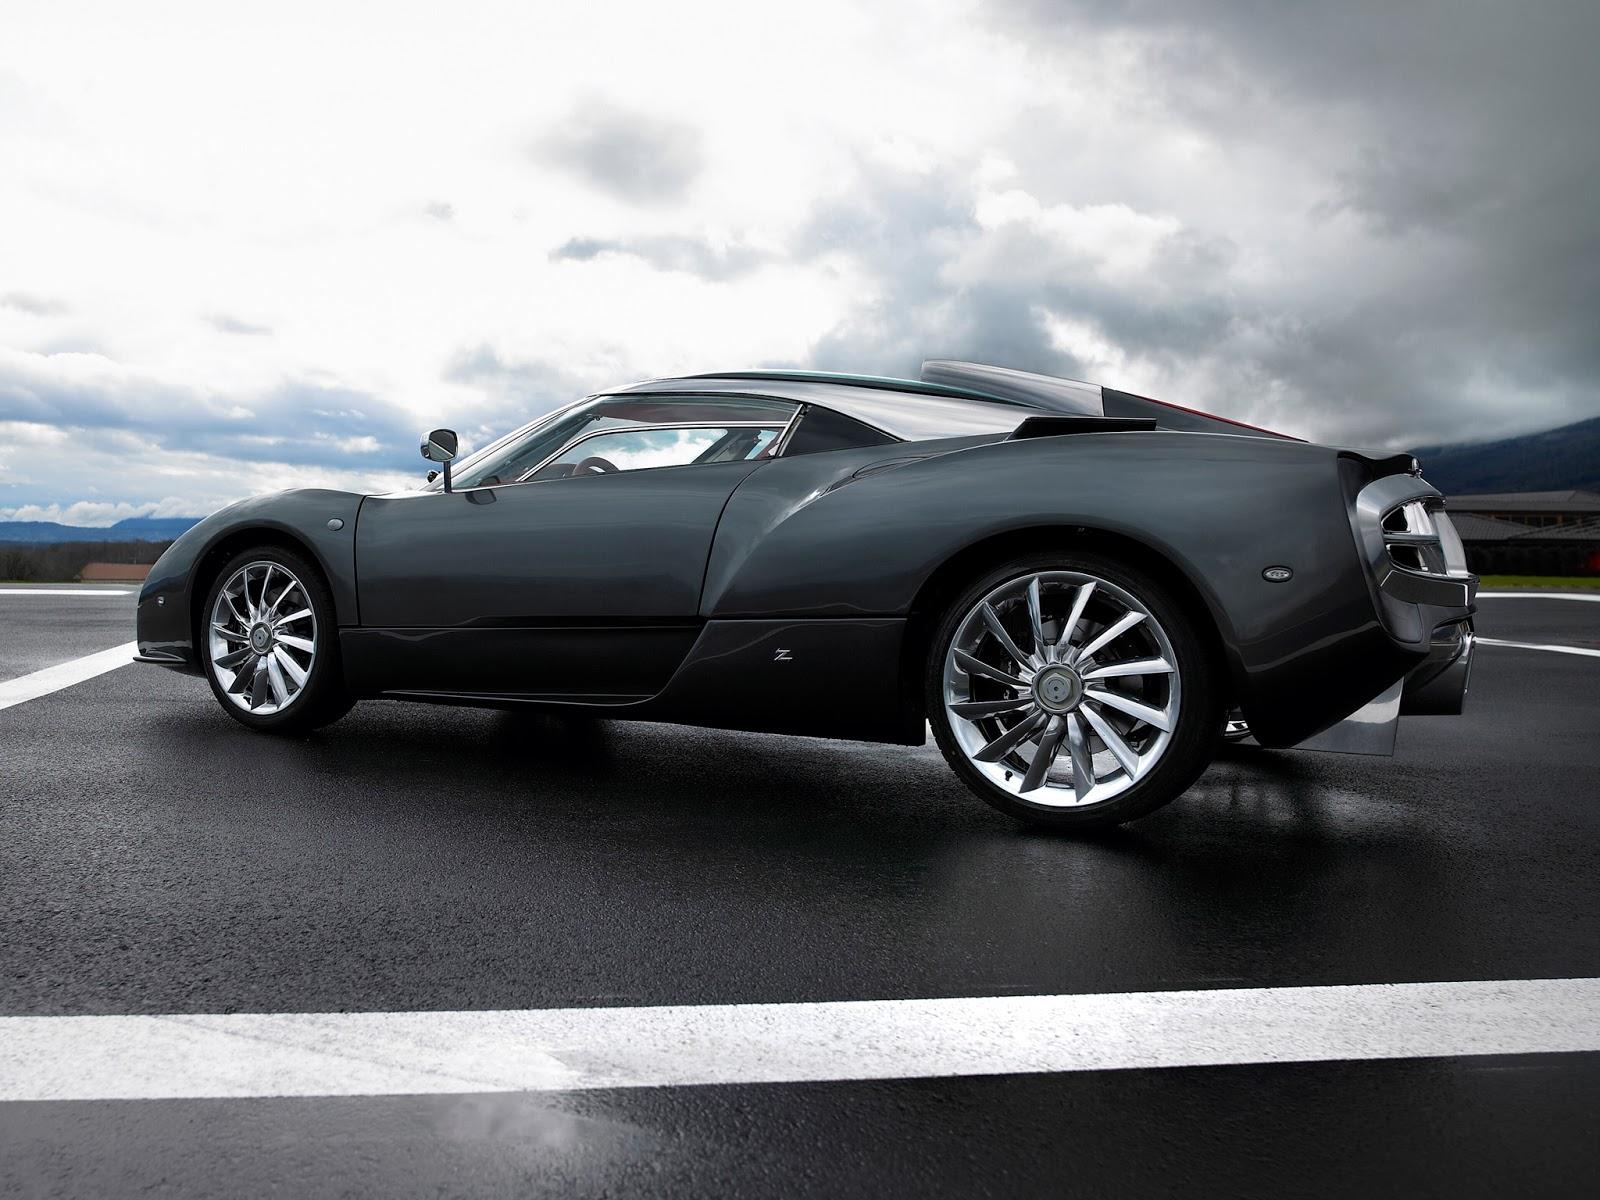 Spyker C12 2006 - 2008 Roadster #4